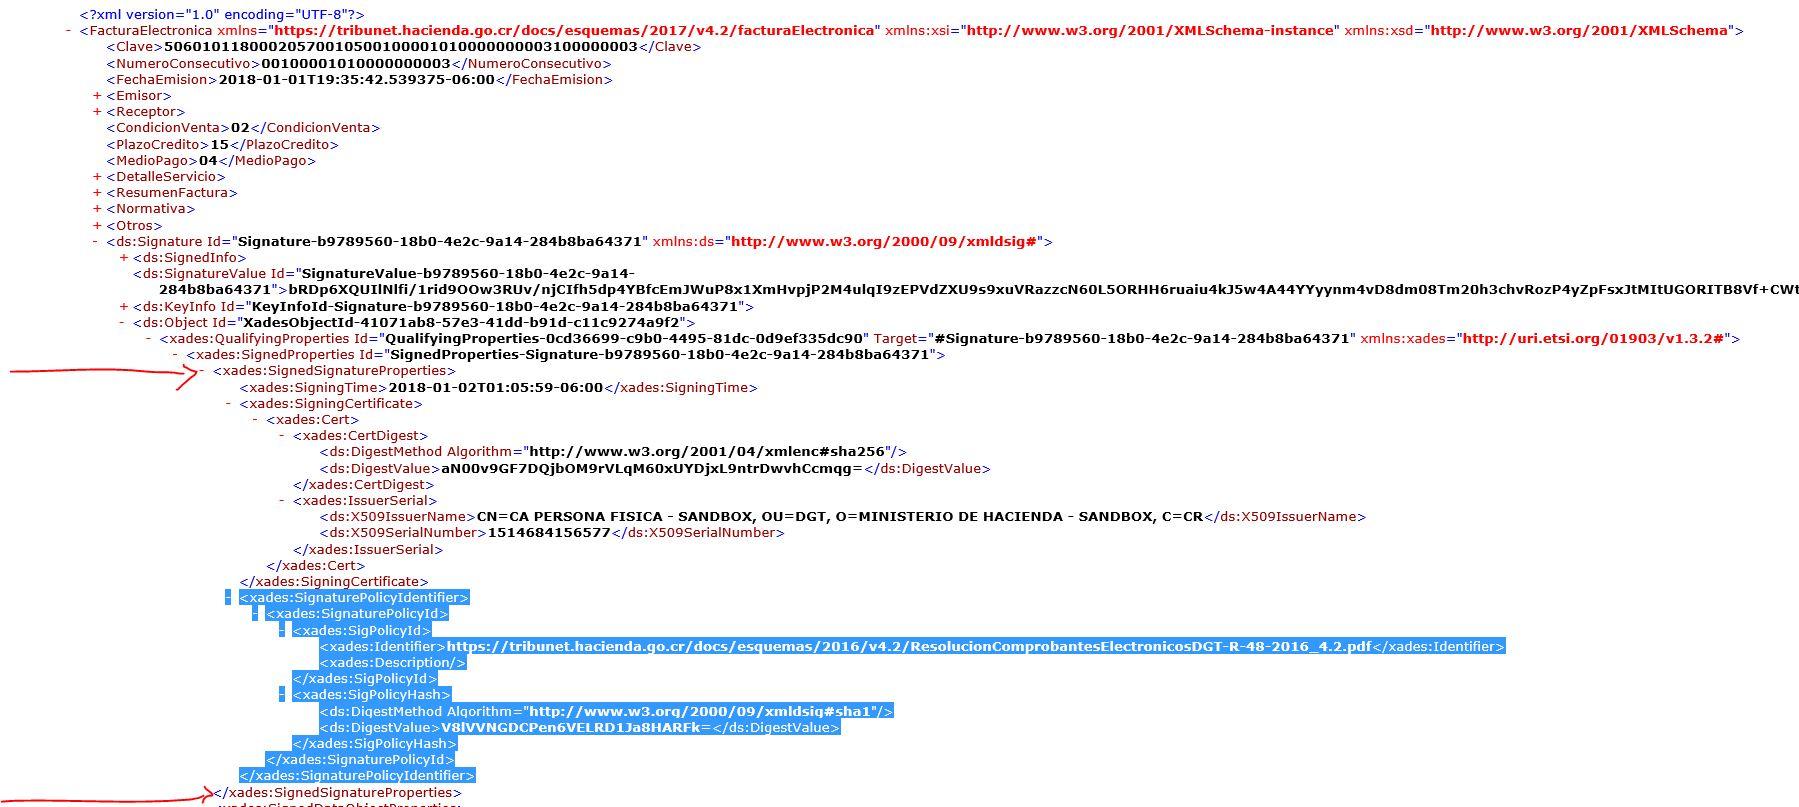 c# - Agregar un nodo creado a un nodo existente en documento XML - Stack Overflow en español